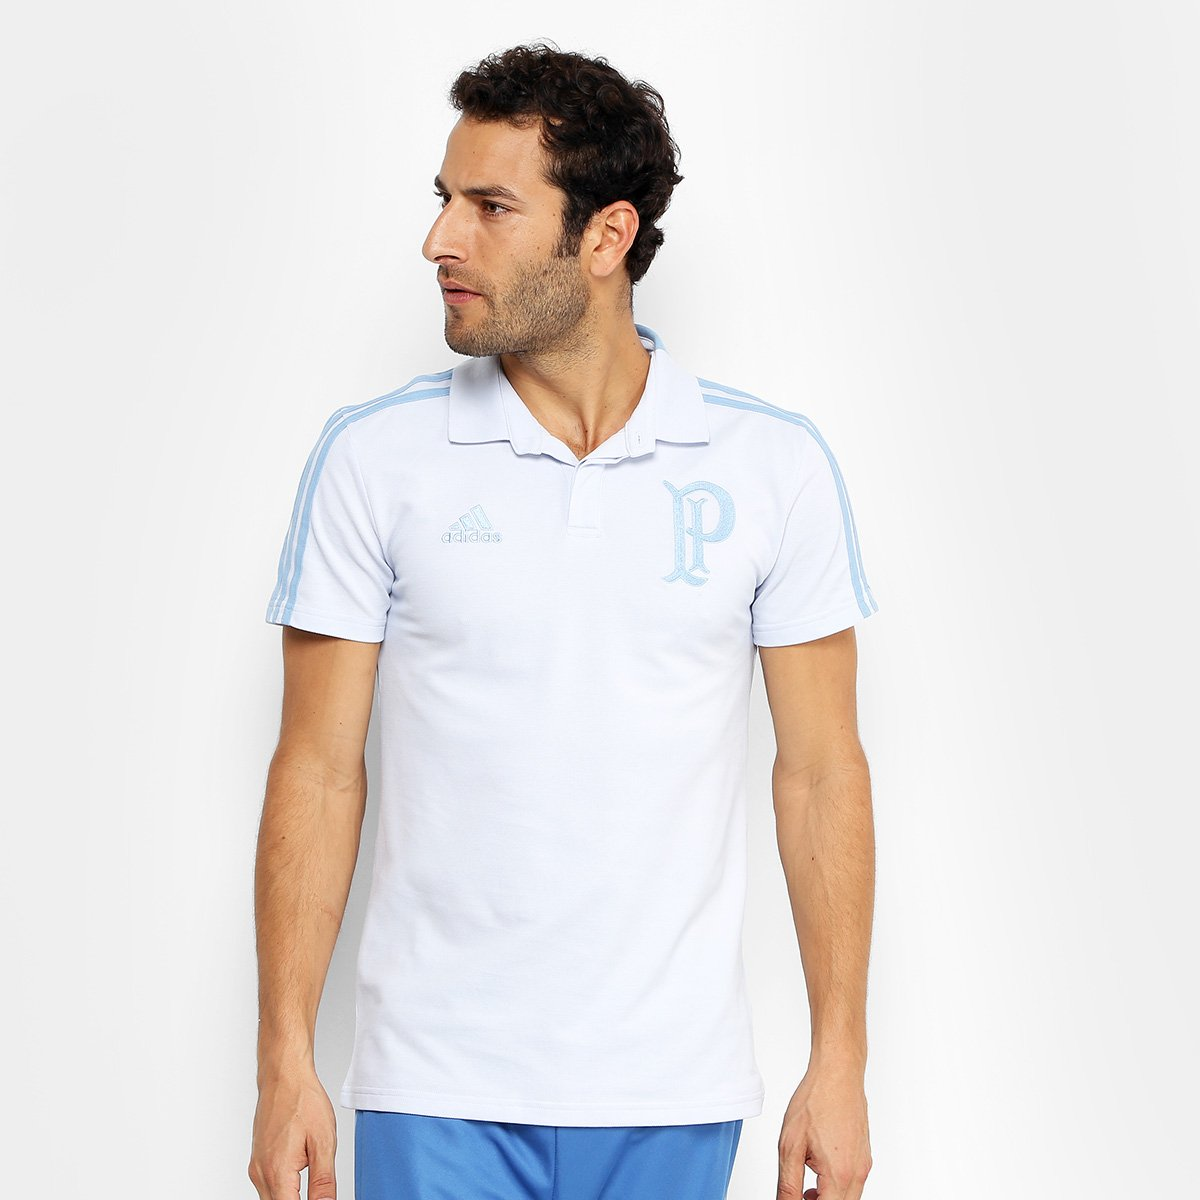 80e89dbcfb8c9 Camisa Polo Palmeiras Adidas Cotton Masculina - Azul e Marinho - Compre  Agora